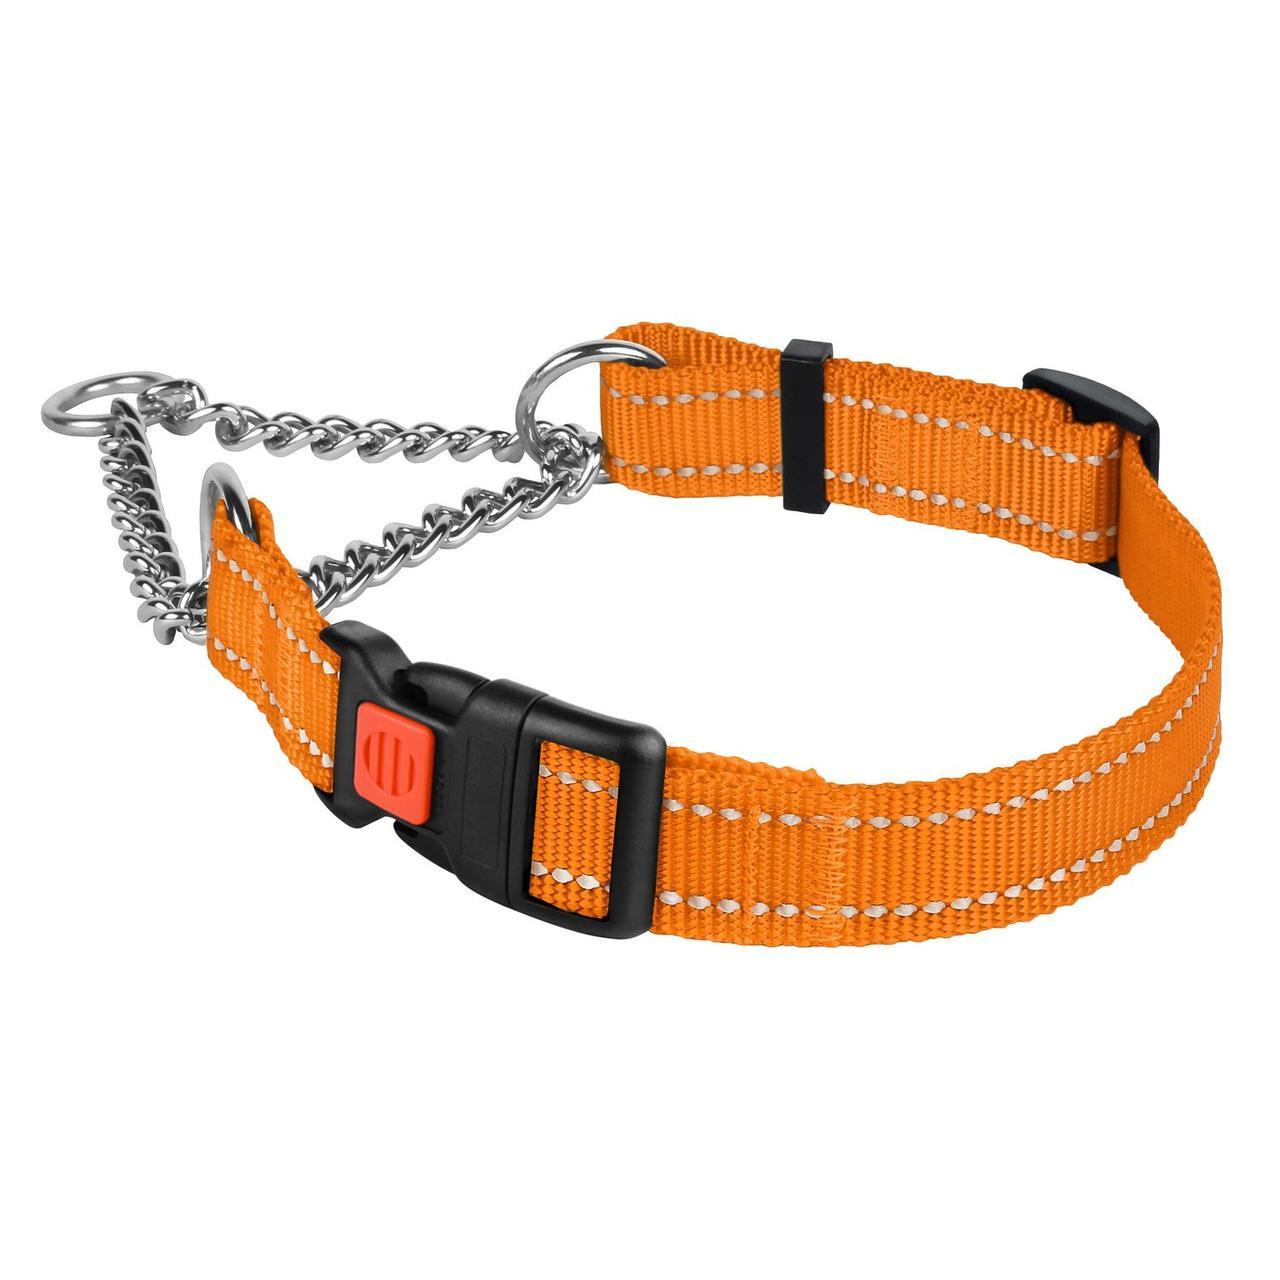 Ошейник для Собак Мартингейл BronzeDog Active Нейлоновый с Пластиковой Пряжкой и Светоотражением Оранжевый L